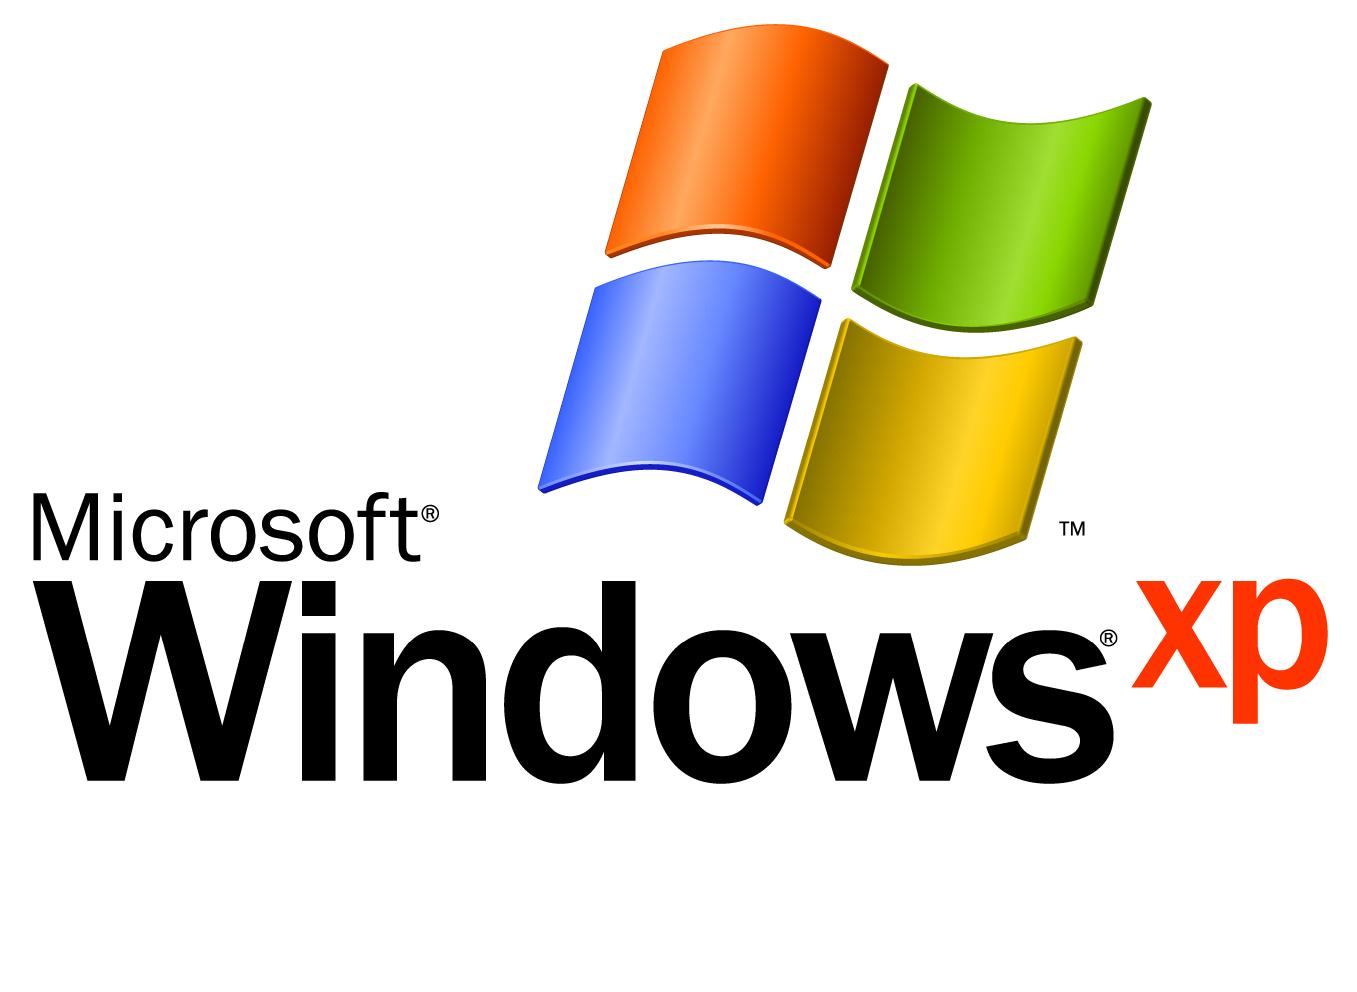 O Windows XP não receberá mais suporte a partir de 8 de Abril de 2014 (Foto: Divulgação)